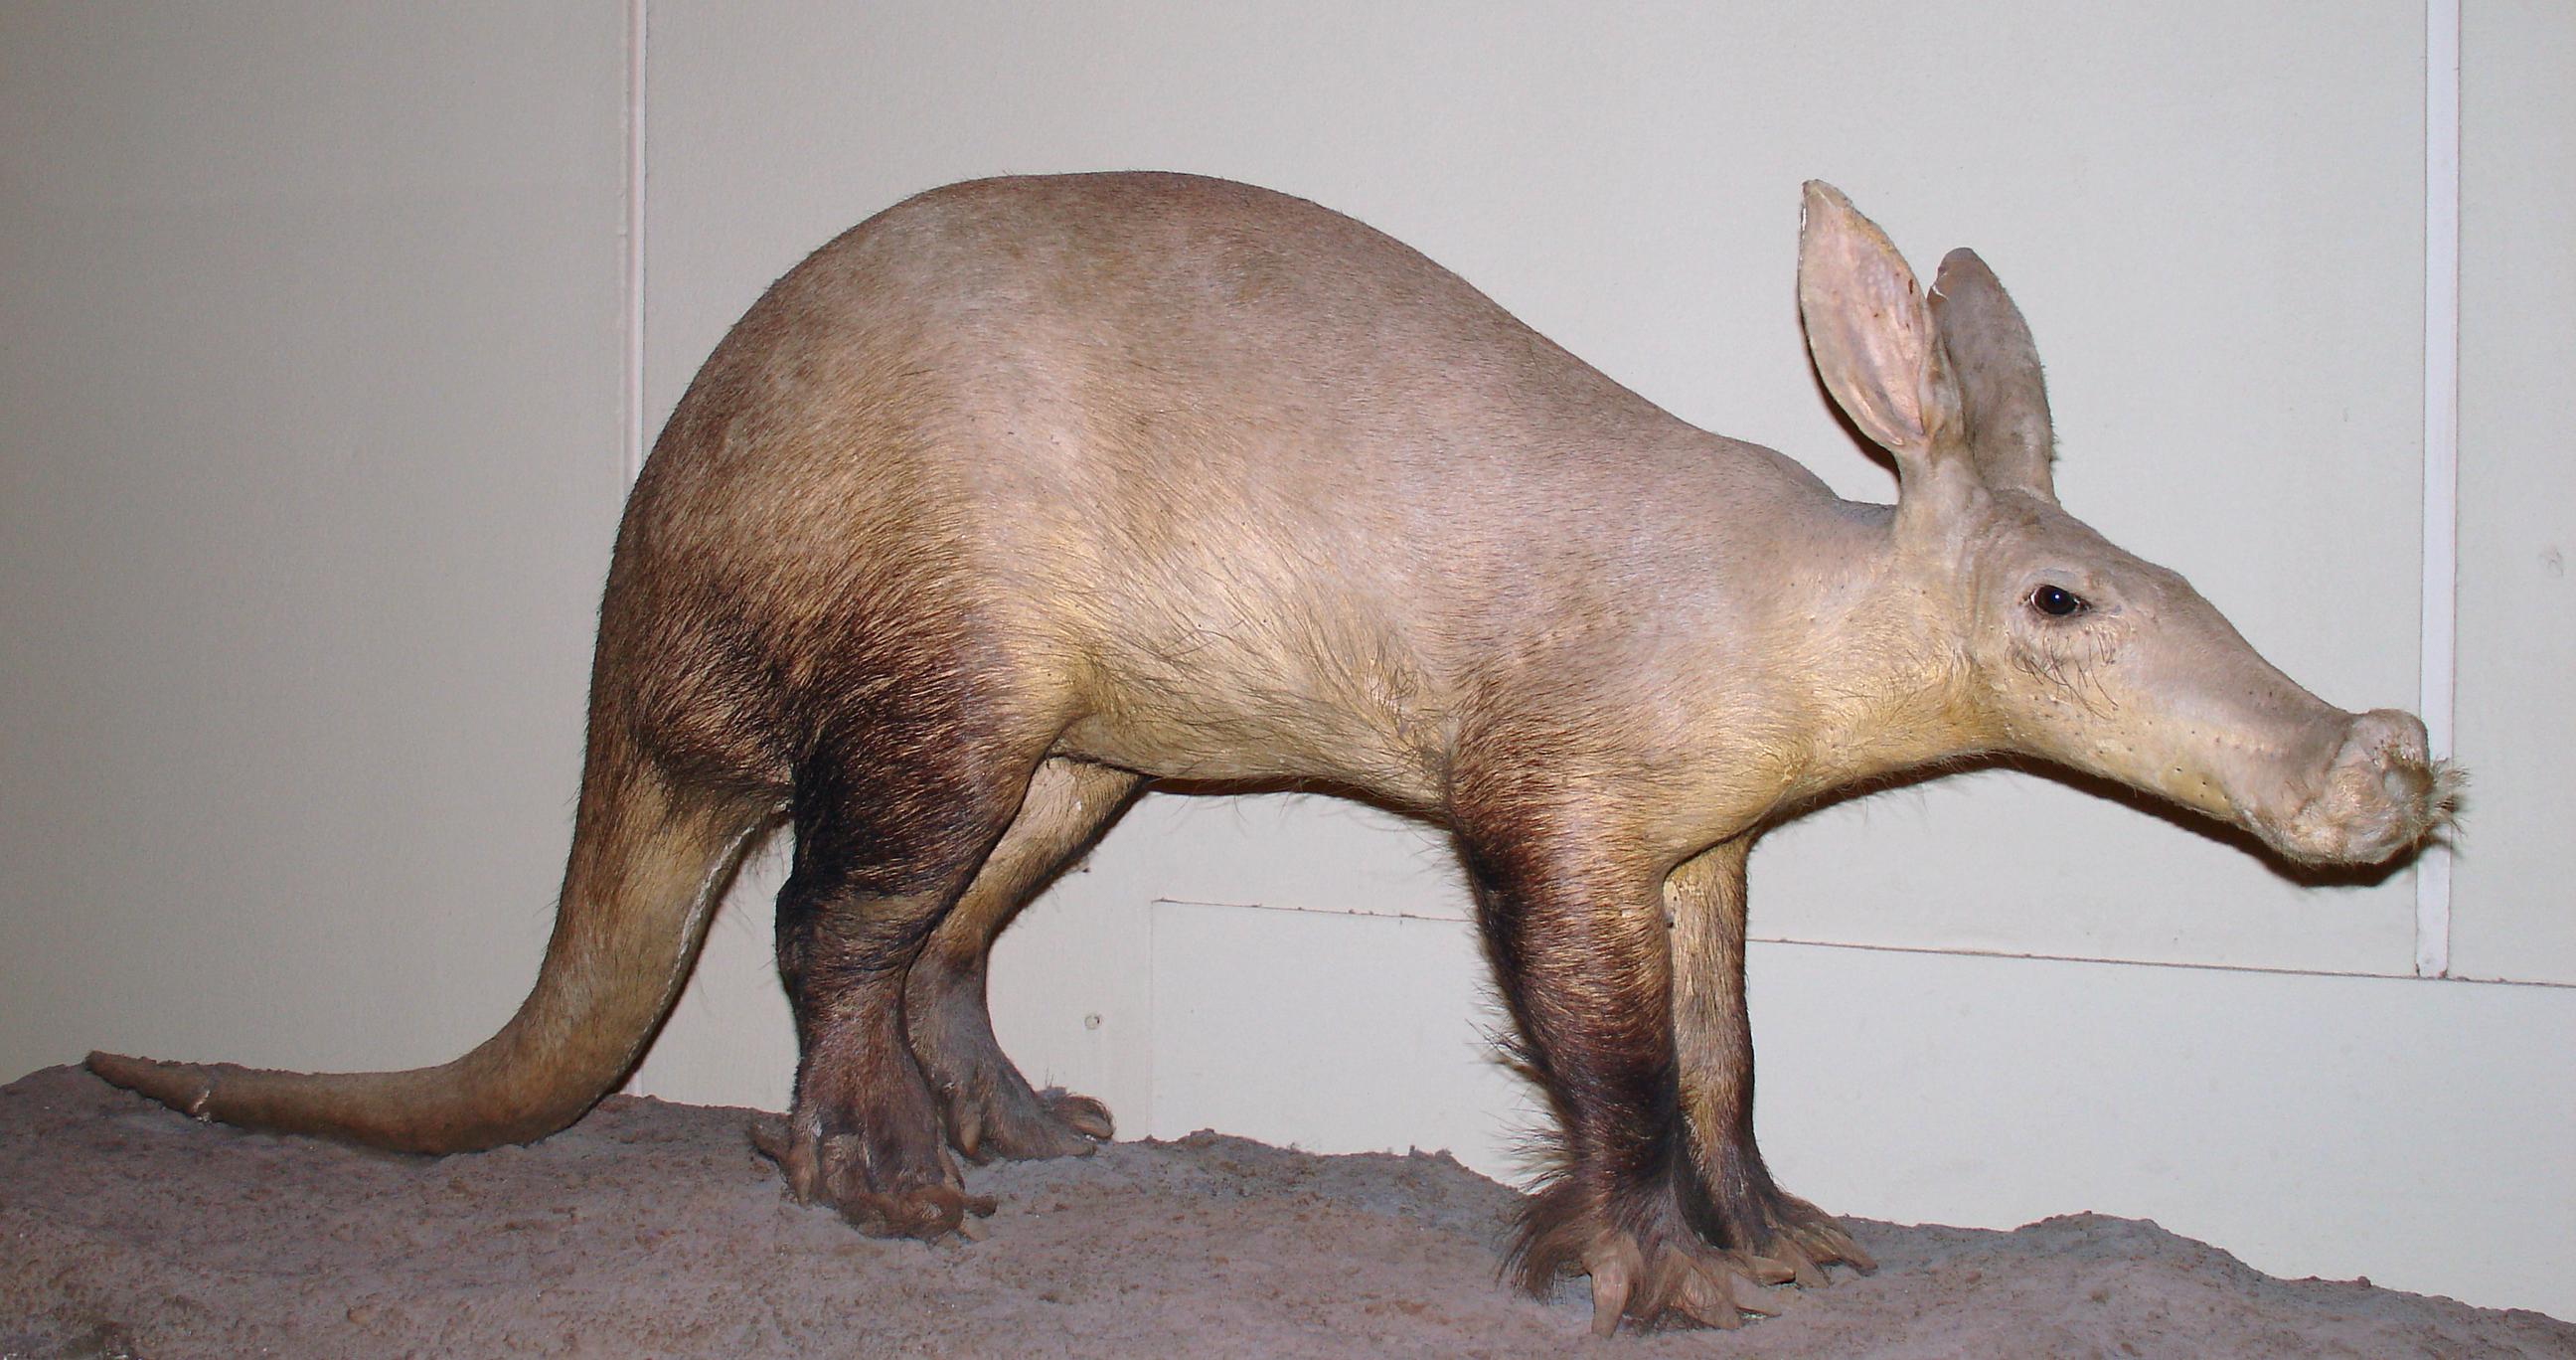 Image of aardvarks